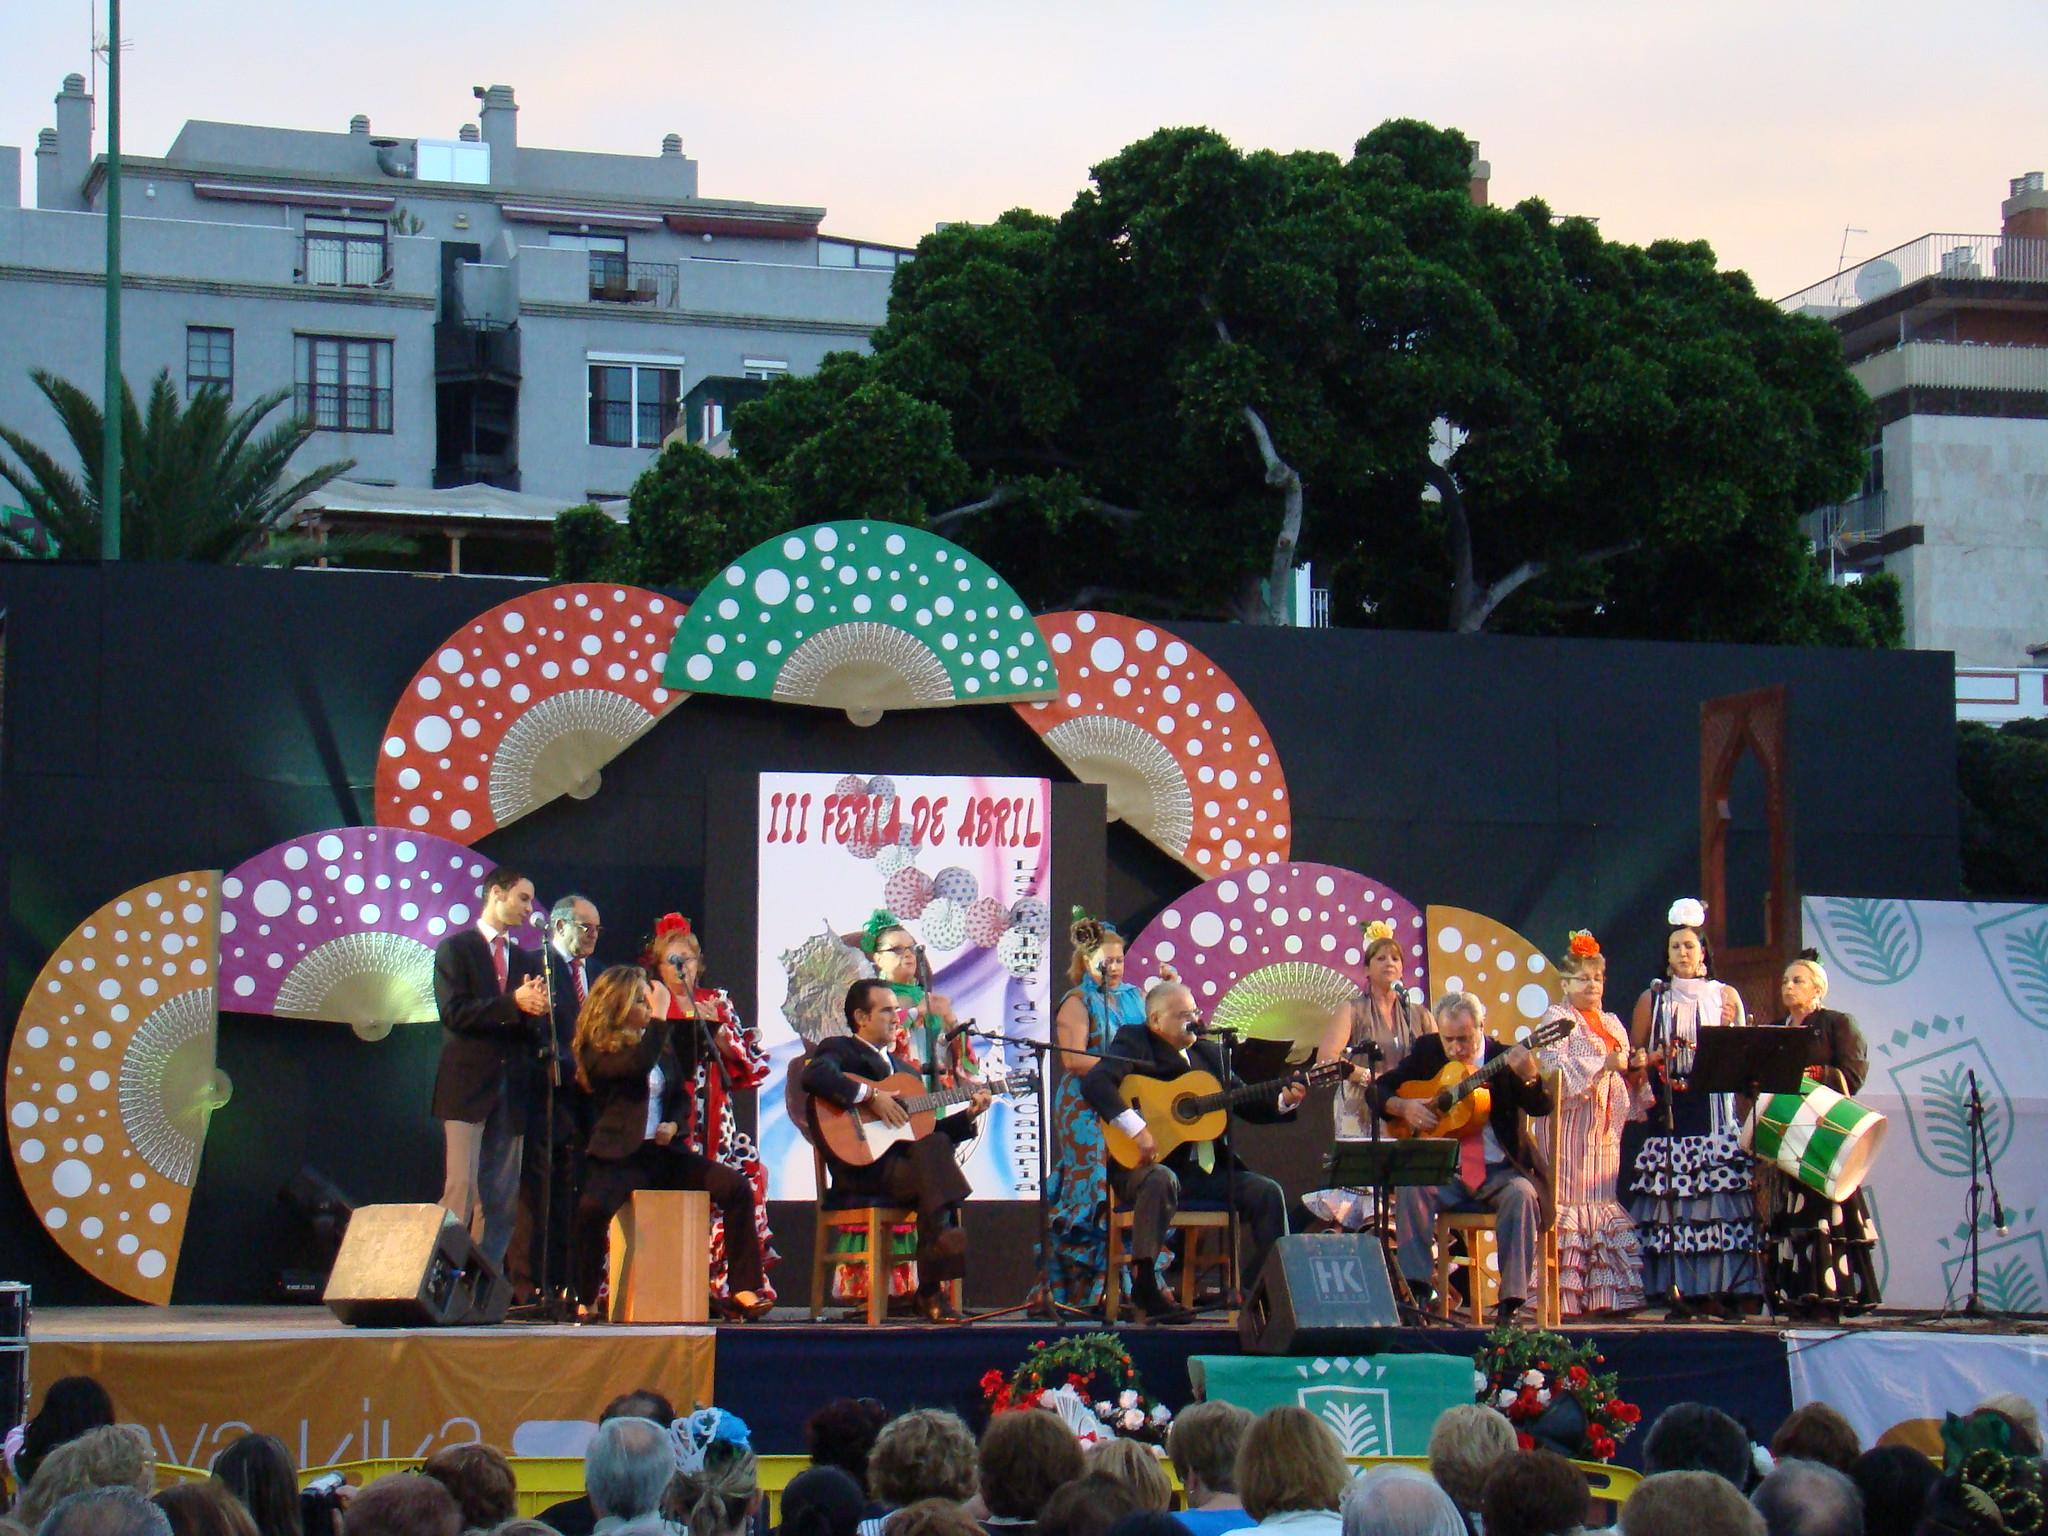 Recinto ferial III Feria de abril Las Palmas de Gran Canaria